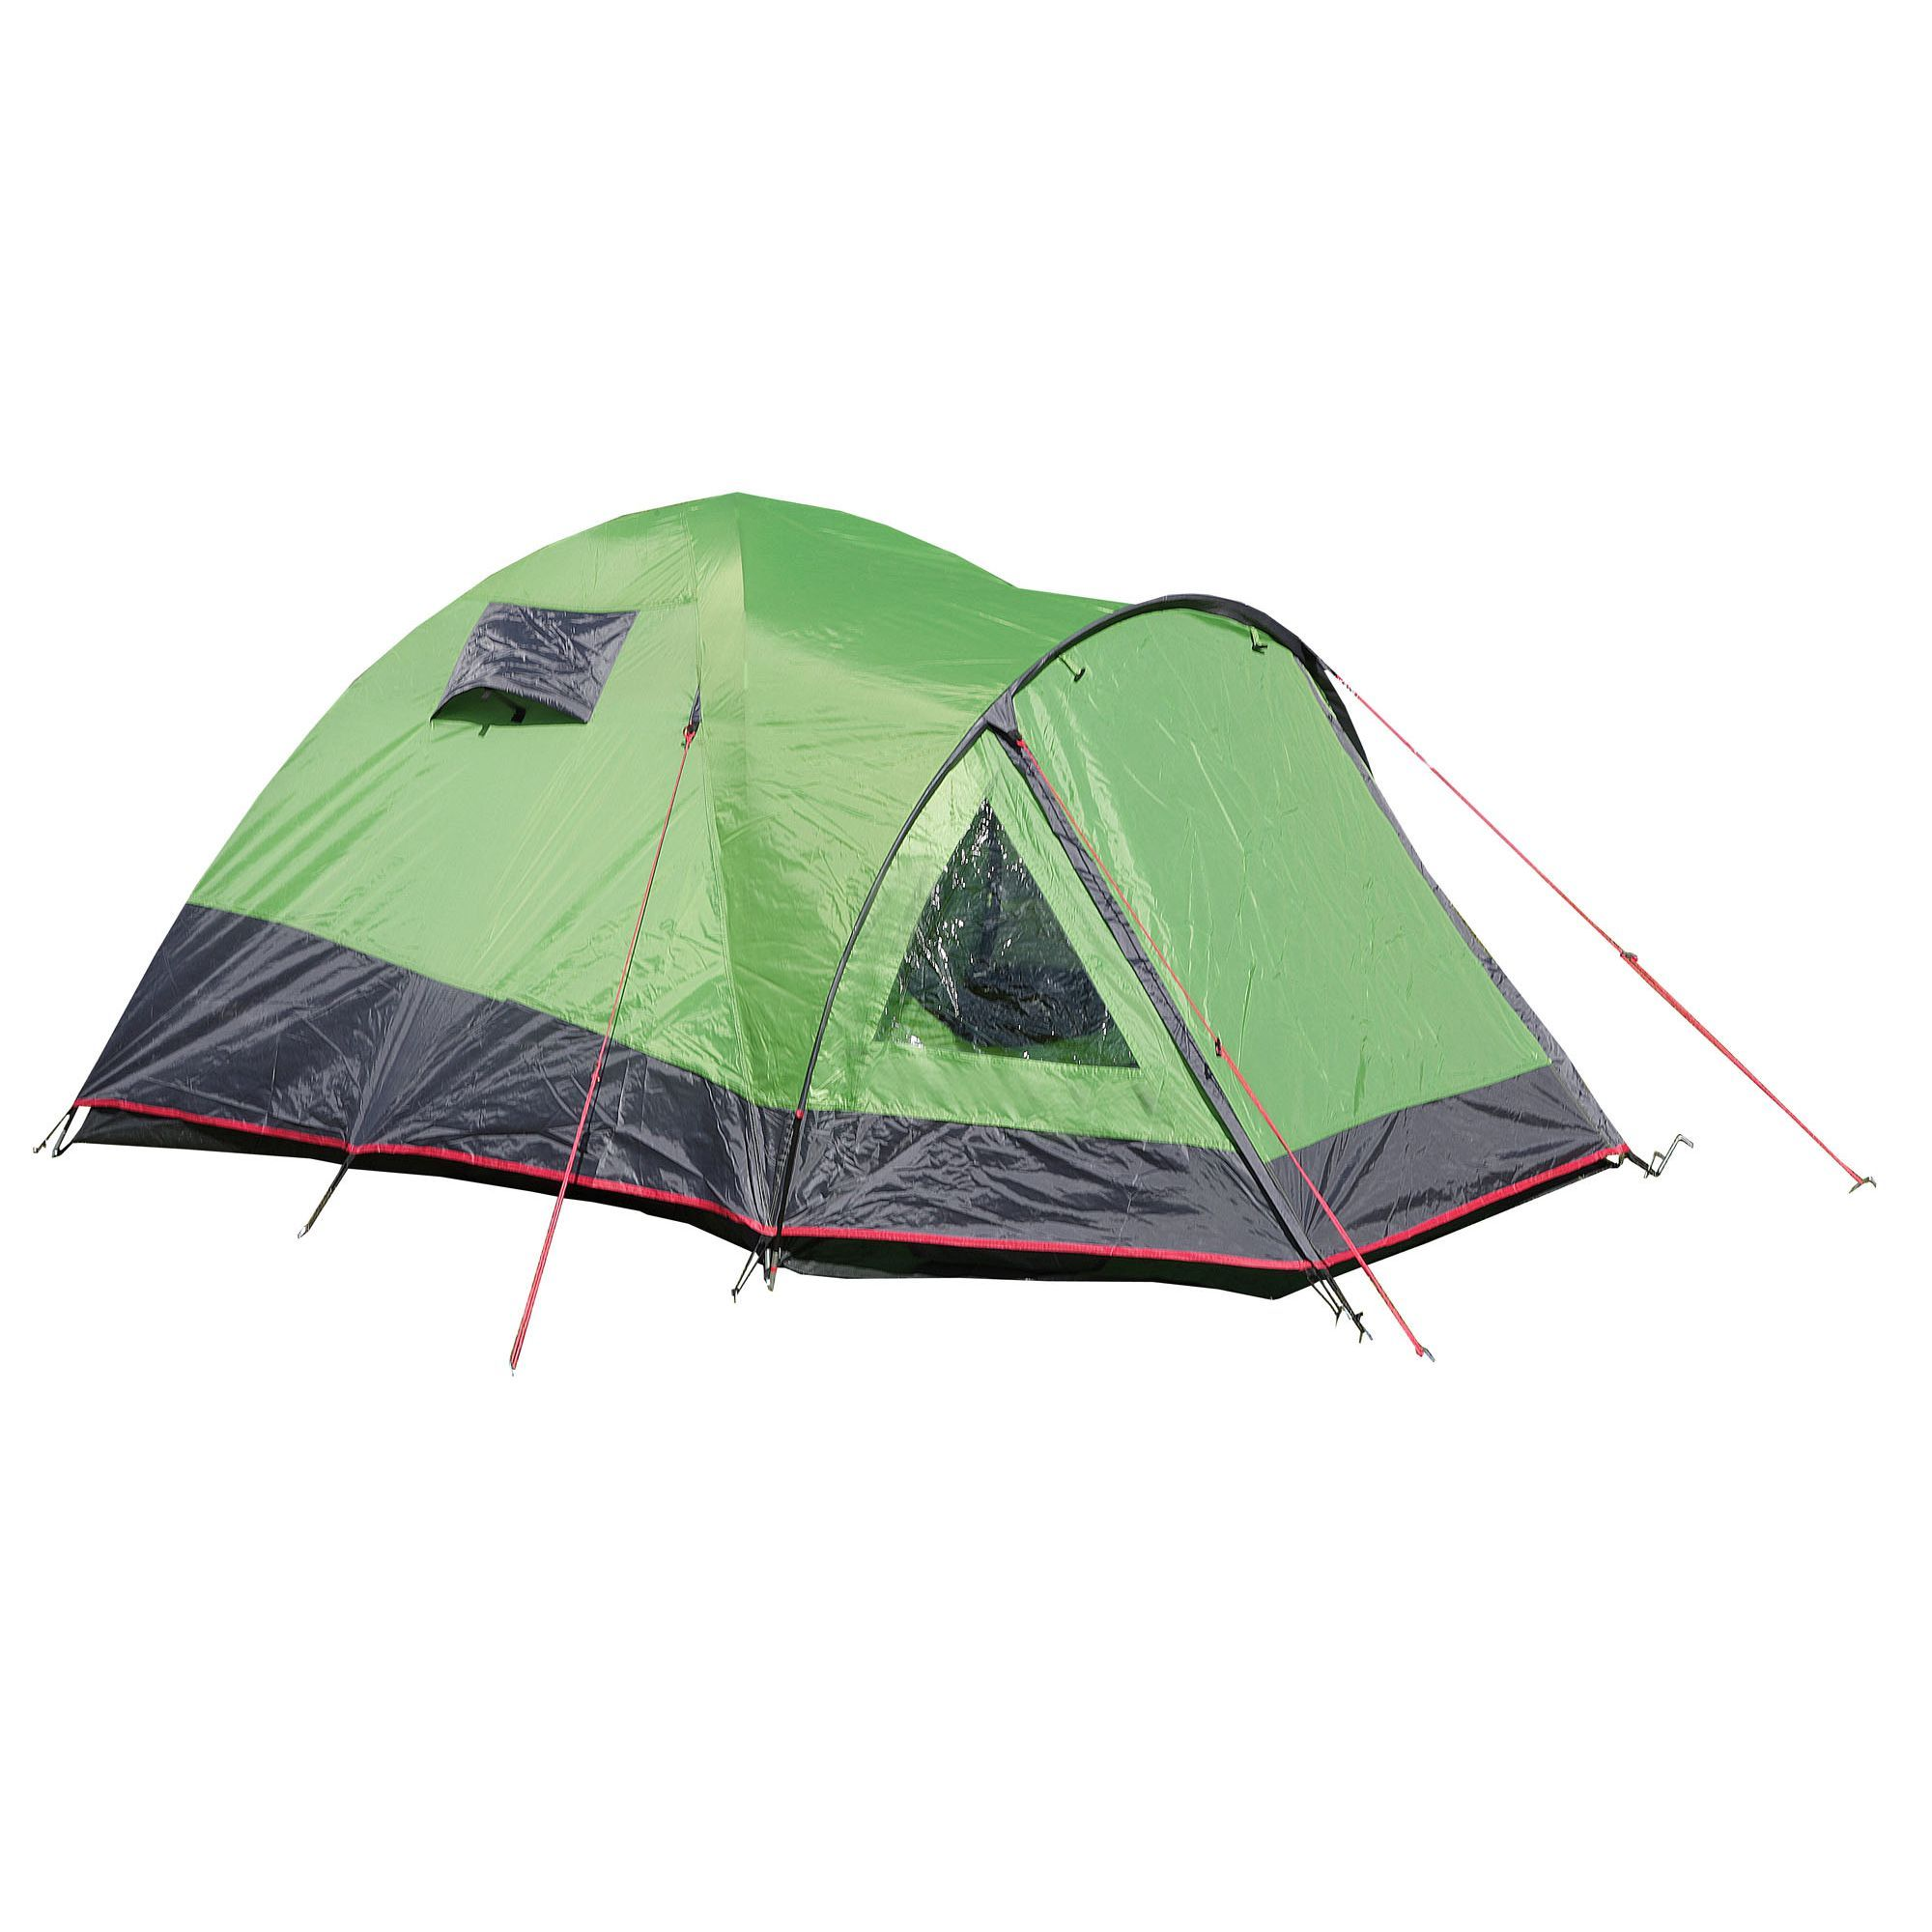 WILDEBEAST MUSANGA Driepersoons polyester tent met voorruimte. Voorzien van PE grondzeil met waterkolom 6000mm in  sc 1 st  Pinterest & WILDEBEAST MUSANGA Driepersoons polyester tent met voorruimte ...